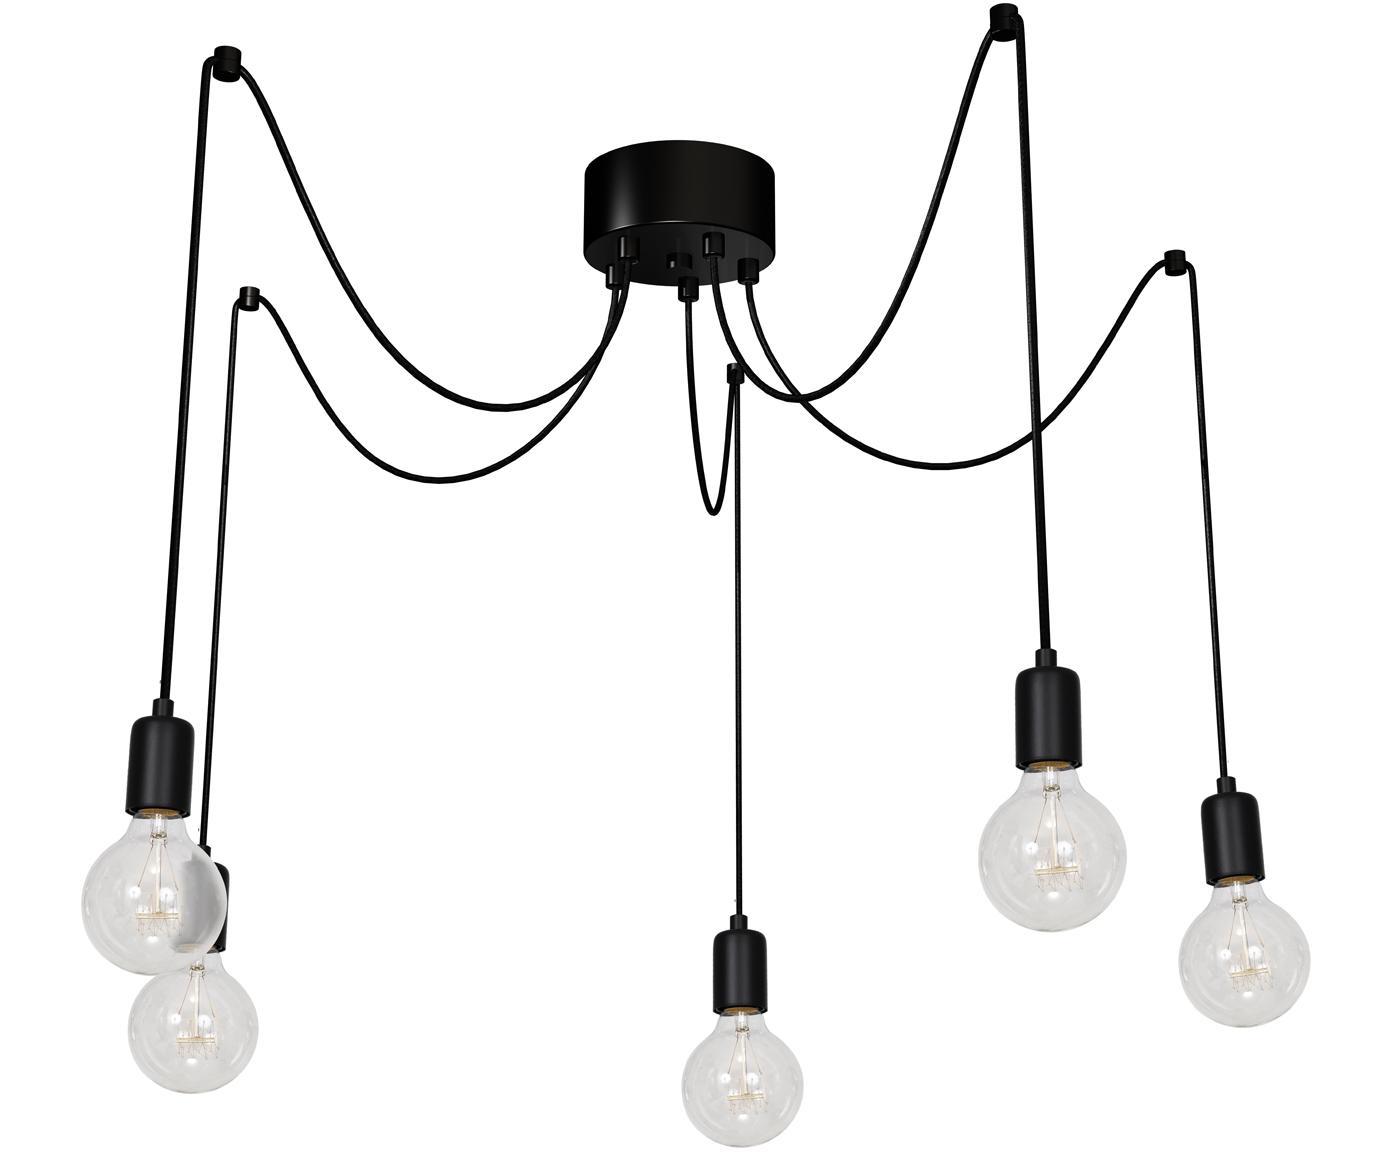 Lampada a sospensione in nero Spindel, Nero, Configurabile individualmente